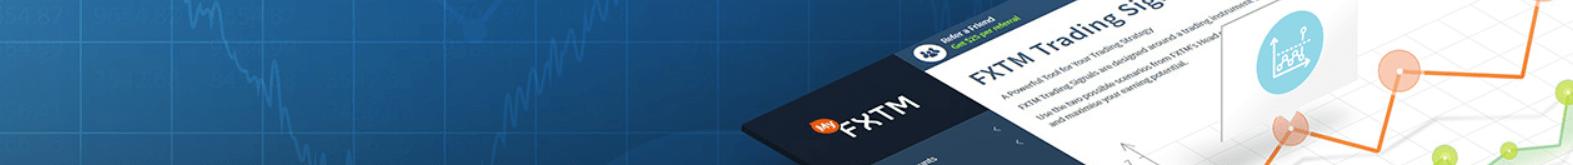 FXTM Review Login Banner